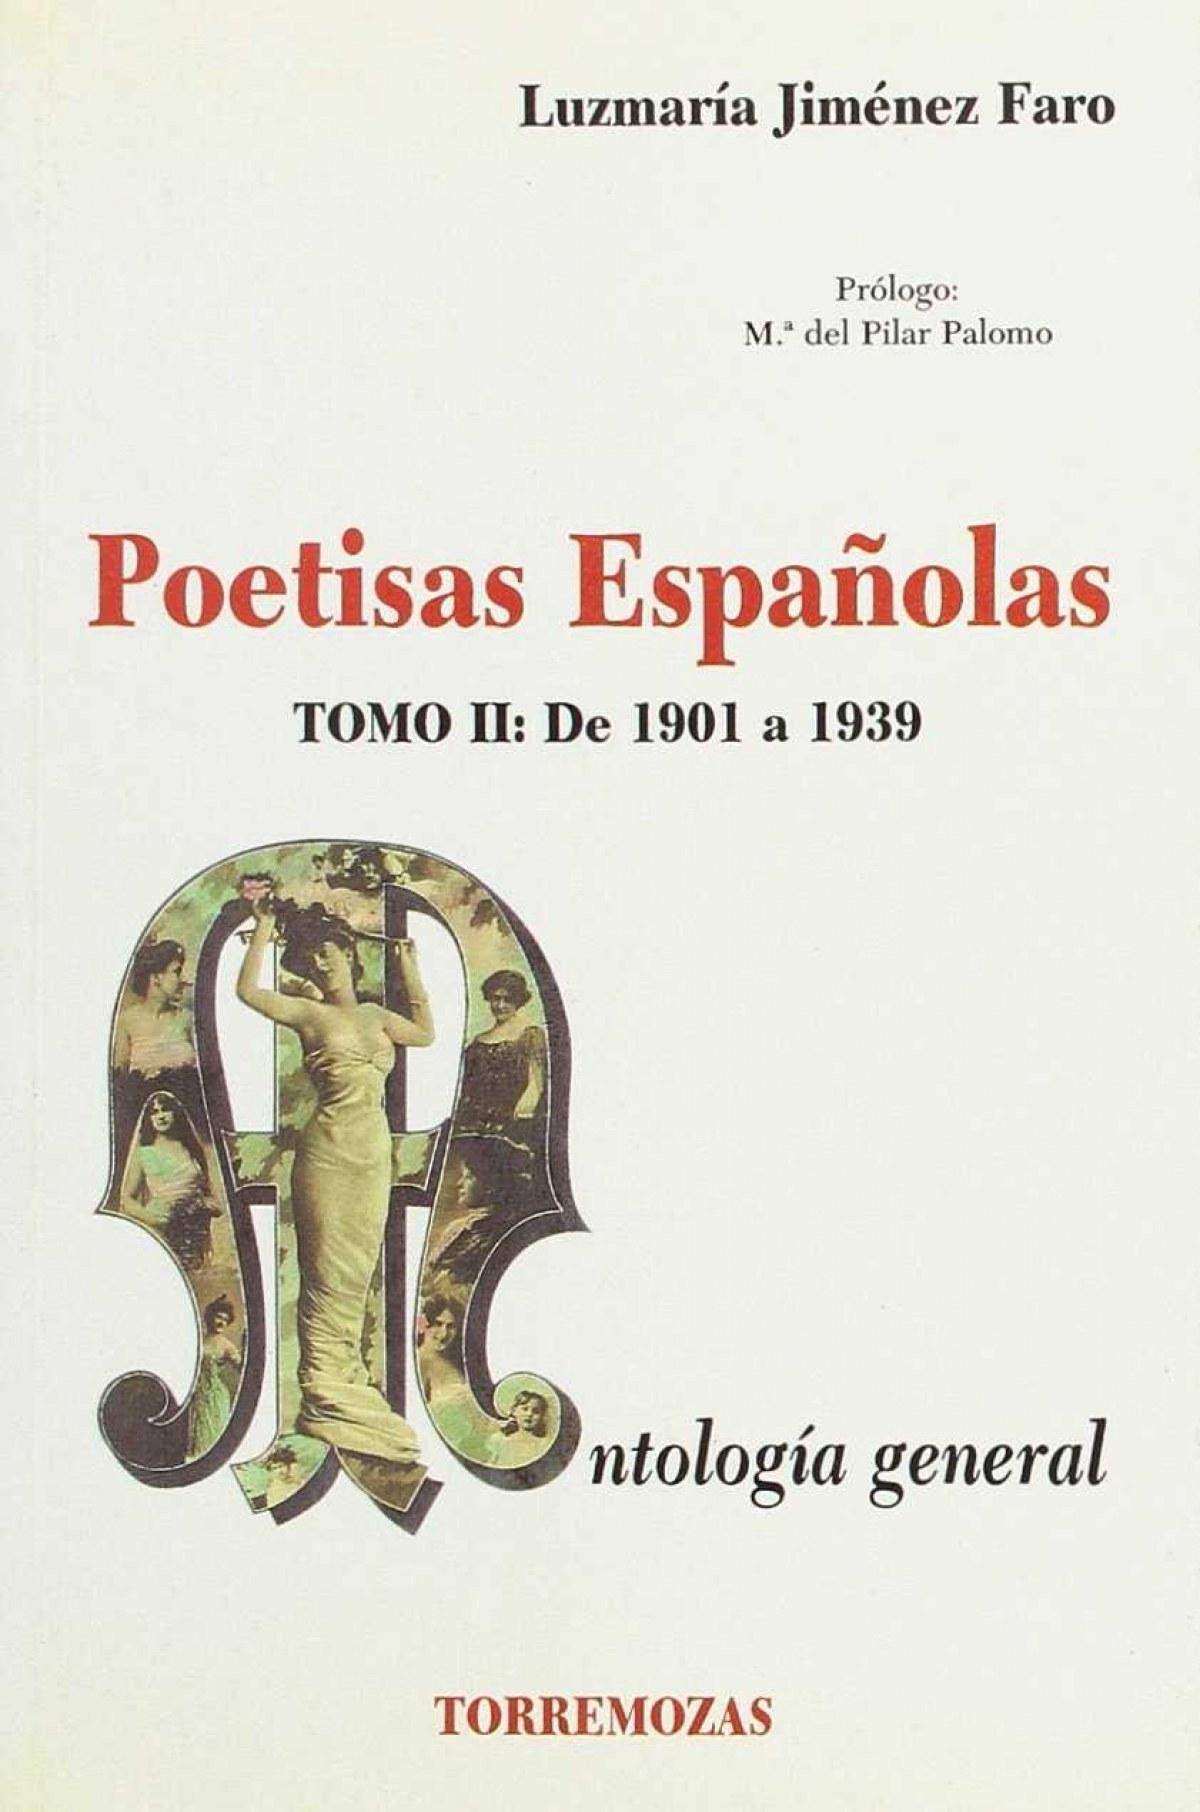 Poetisas españolas